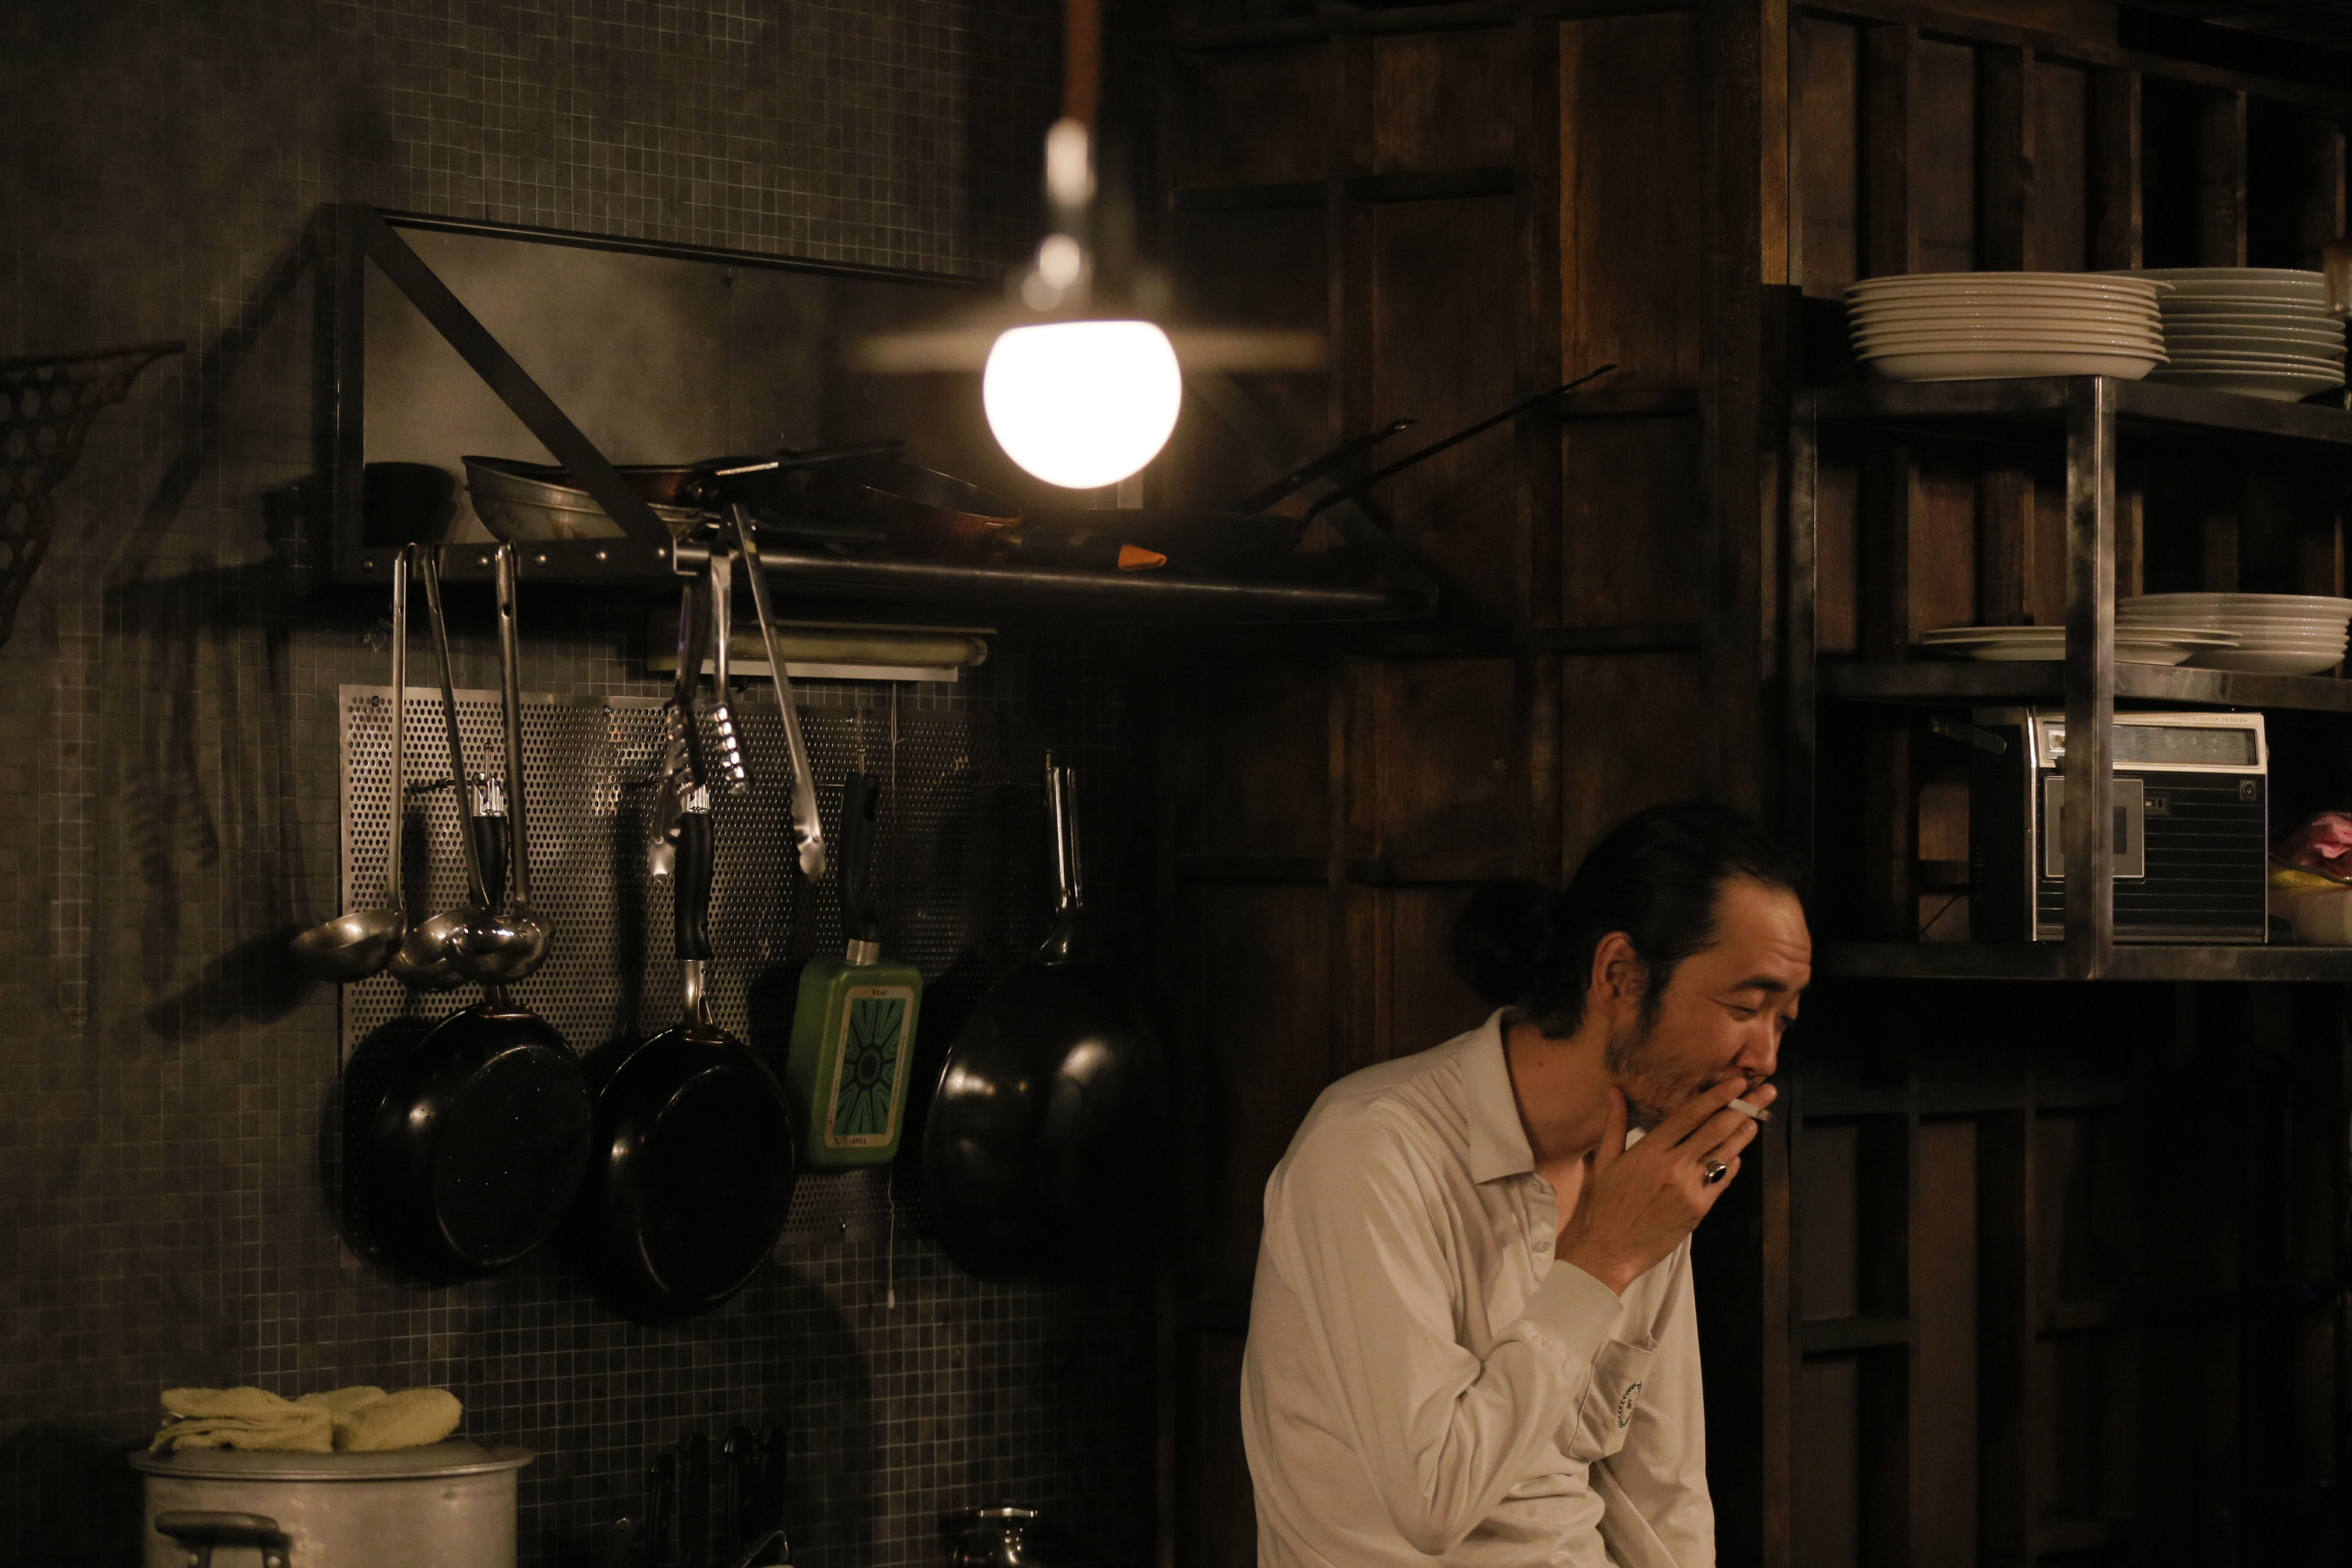 チケット残りわずか!庭劇団ペニノ『ダークマスター』【今週のおすすめイベント】